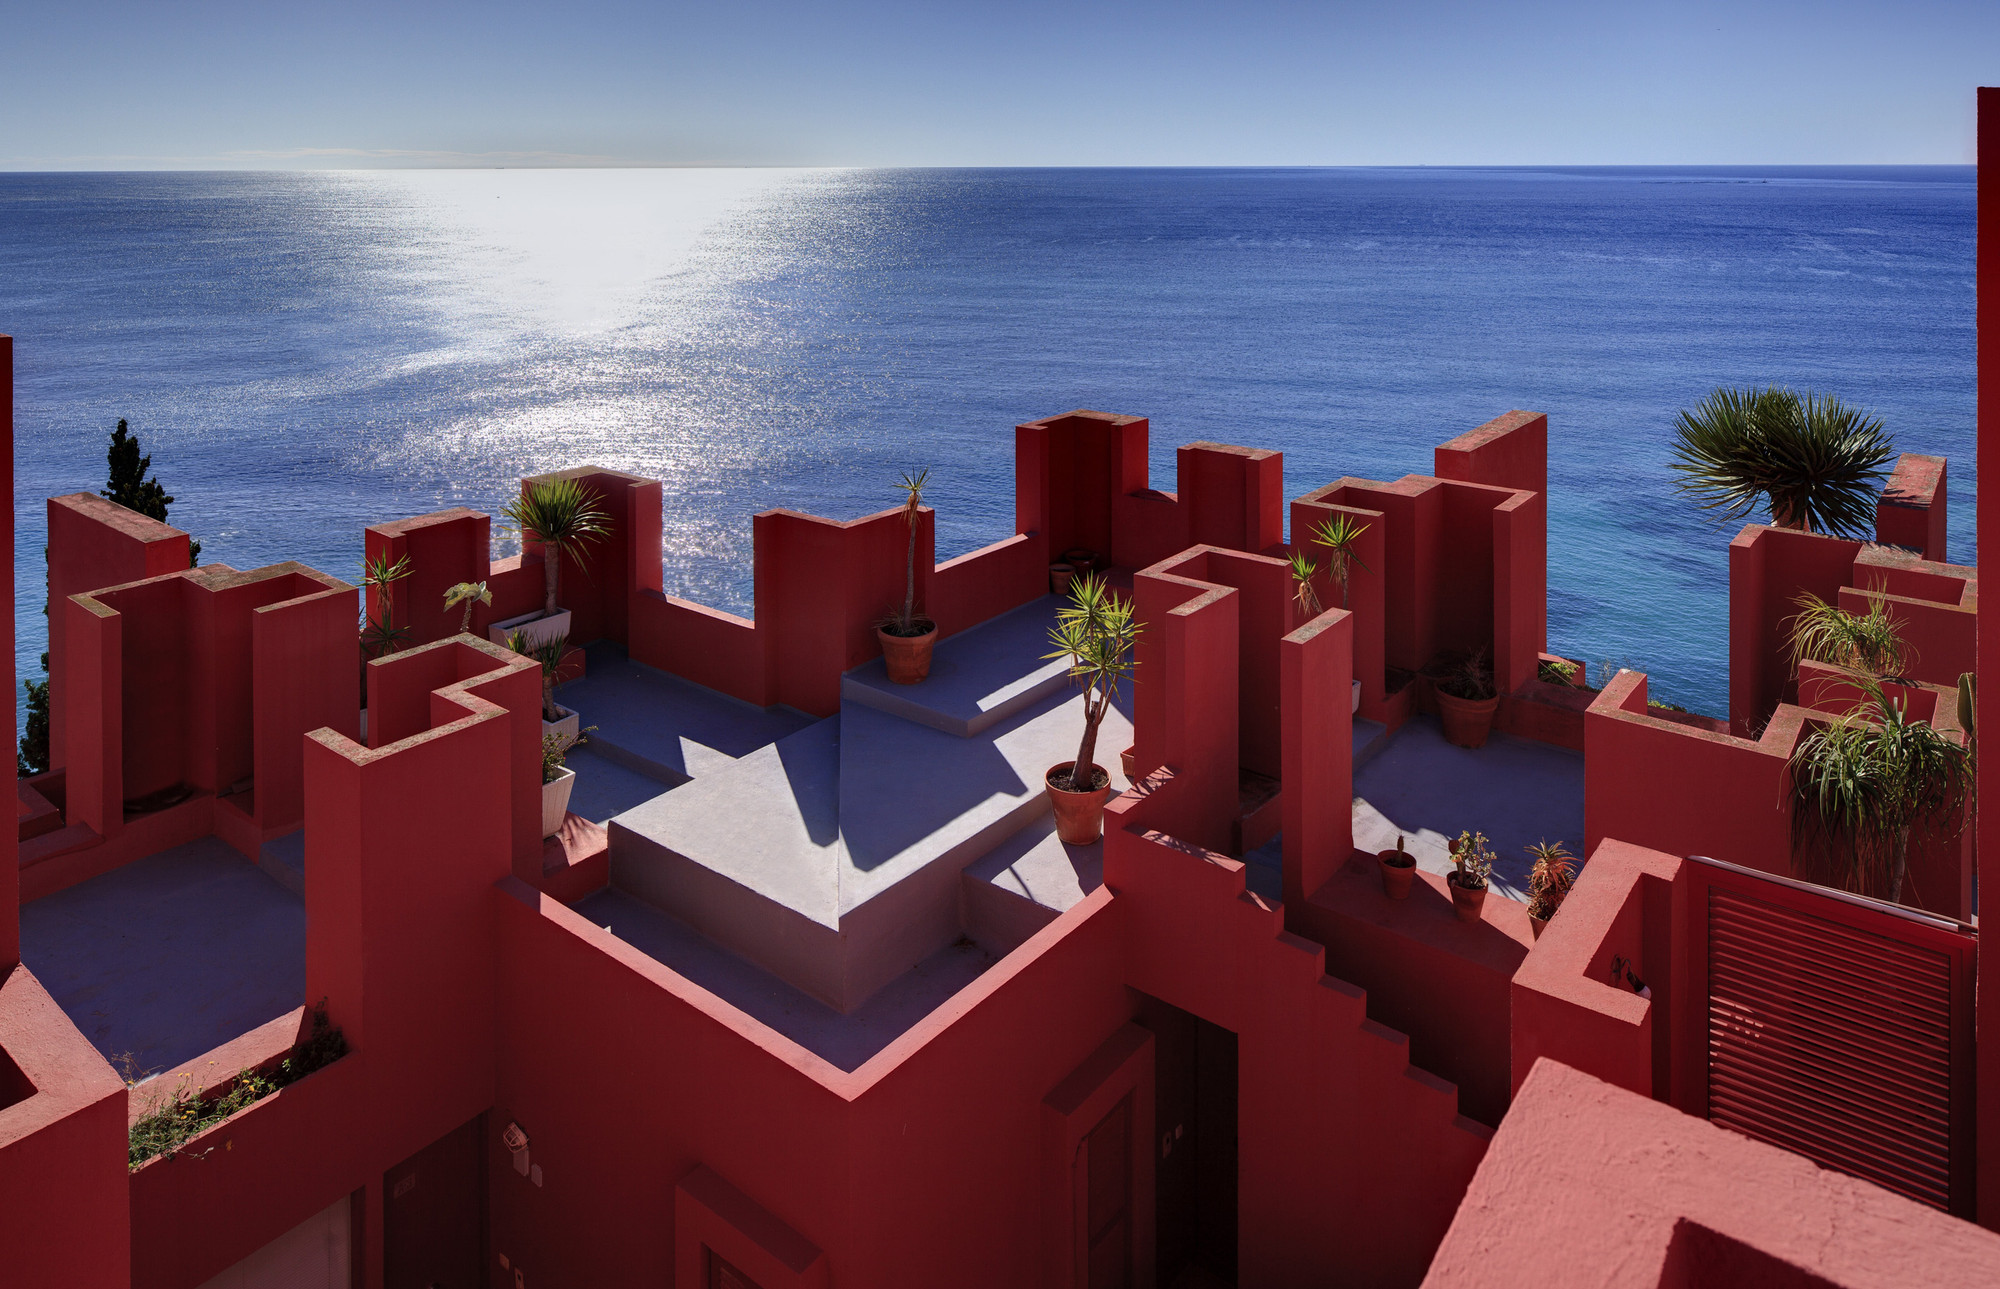 AD Classics: La Muralla Roja / Ricardo Bofill, Courtesy of Ricardo Bofill